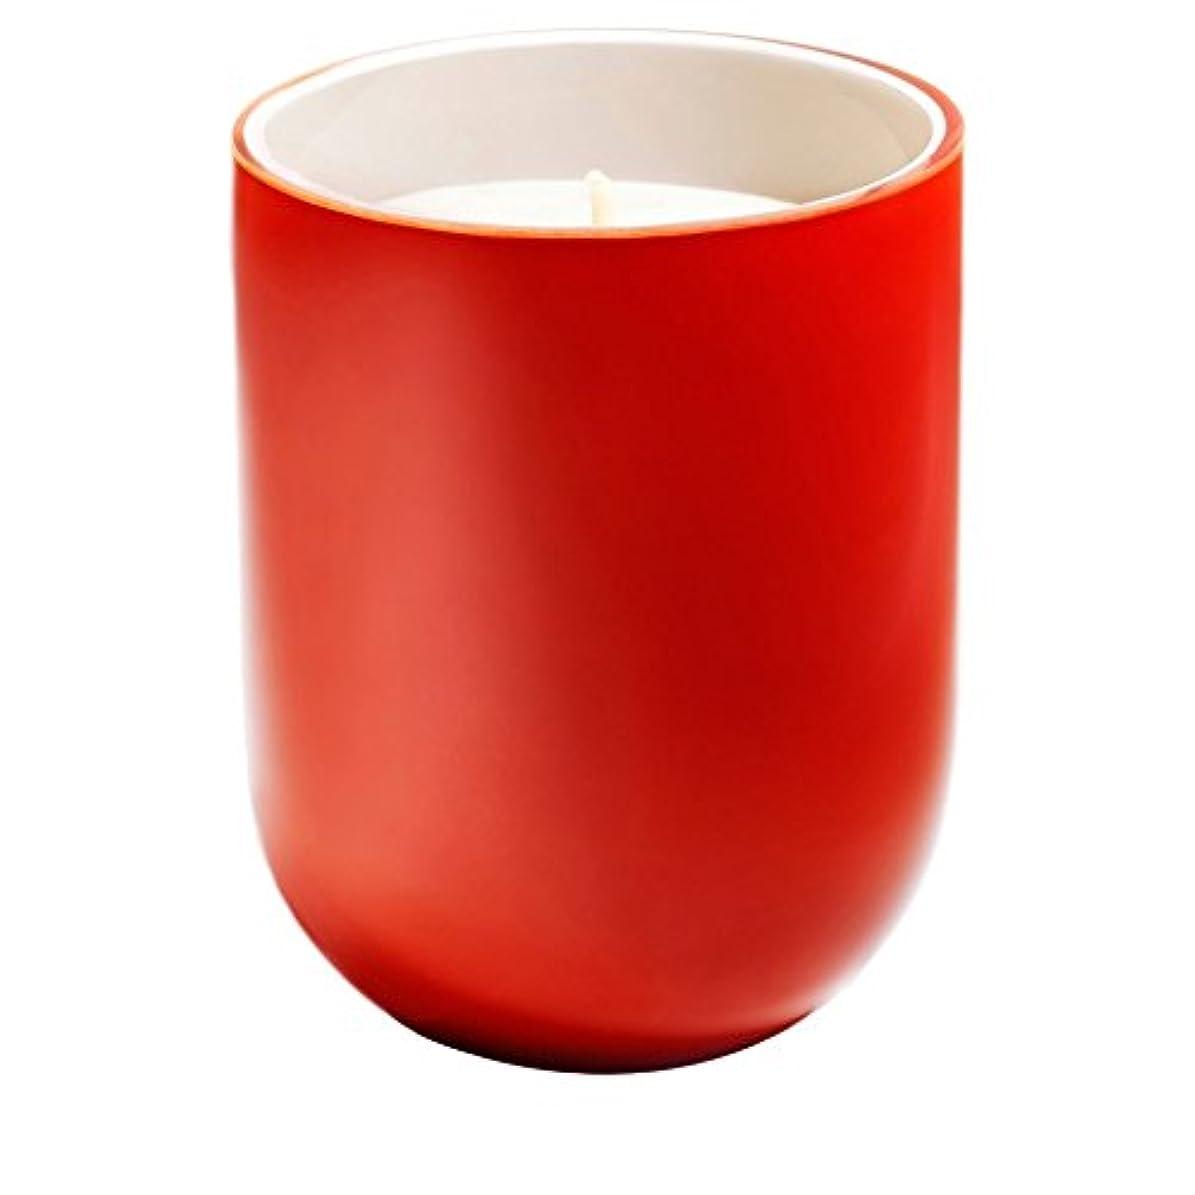 フレデリック?マル国連ガーデニア?ラ?ニュイ香りのキャンドル x6 - Frederic Malle Un Gard?nia La Nuit Scented Candle (Pack of 6) [並行輸入品]